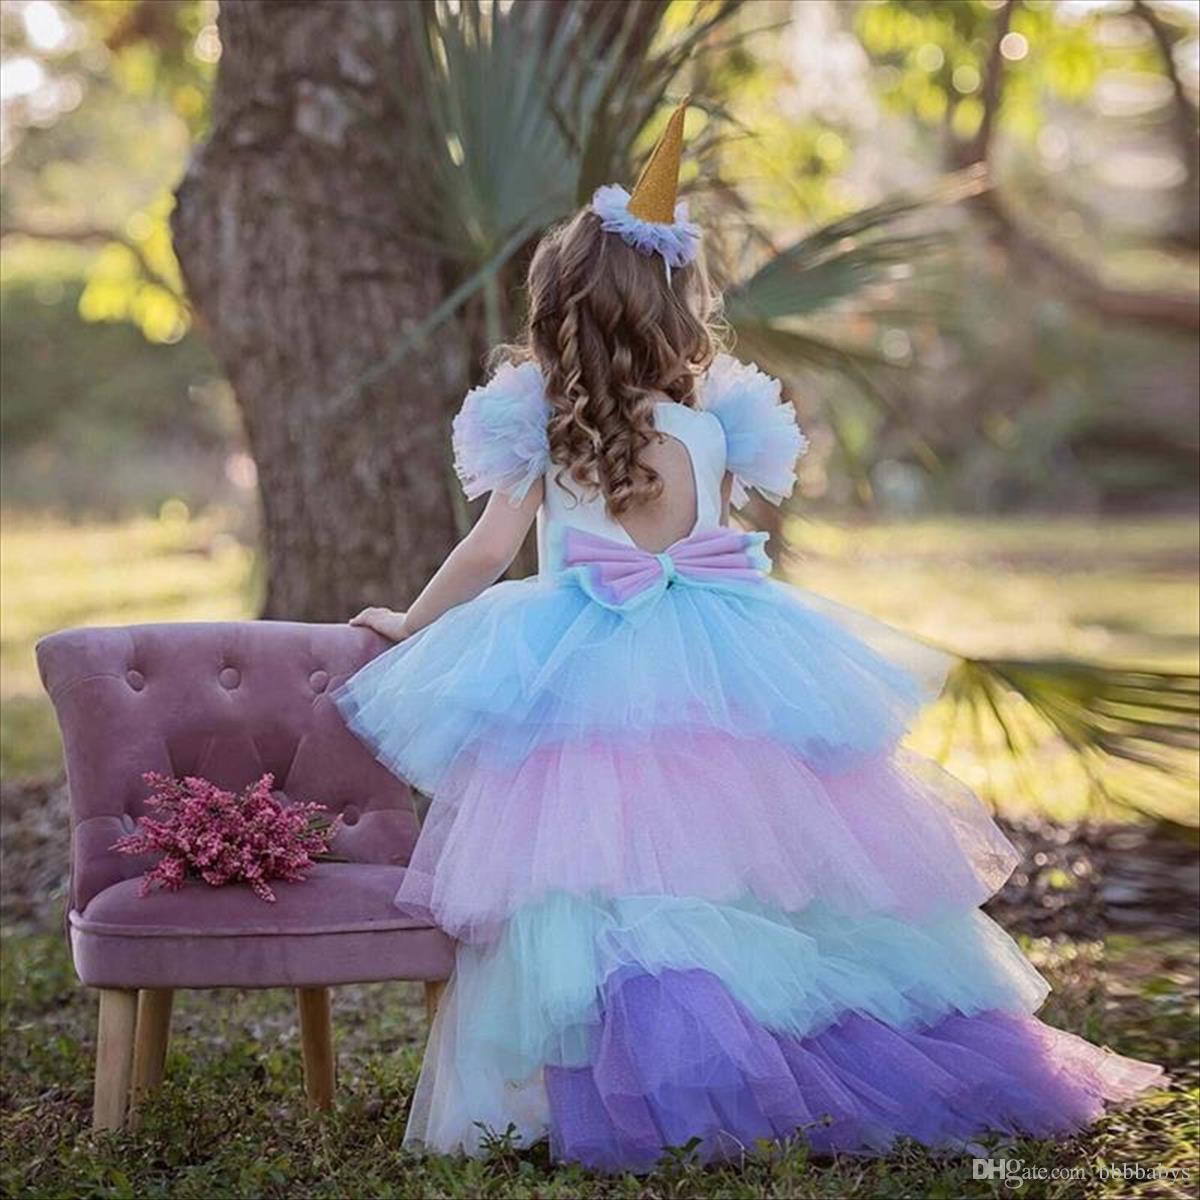 2019 девушка платье принцессы платье единорога радуга торт юбка сетка съемный плащ хэллоуин